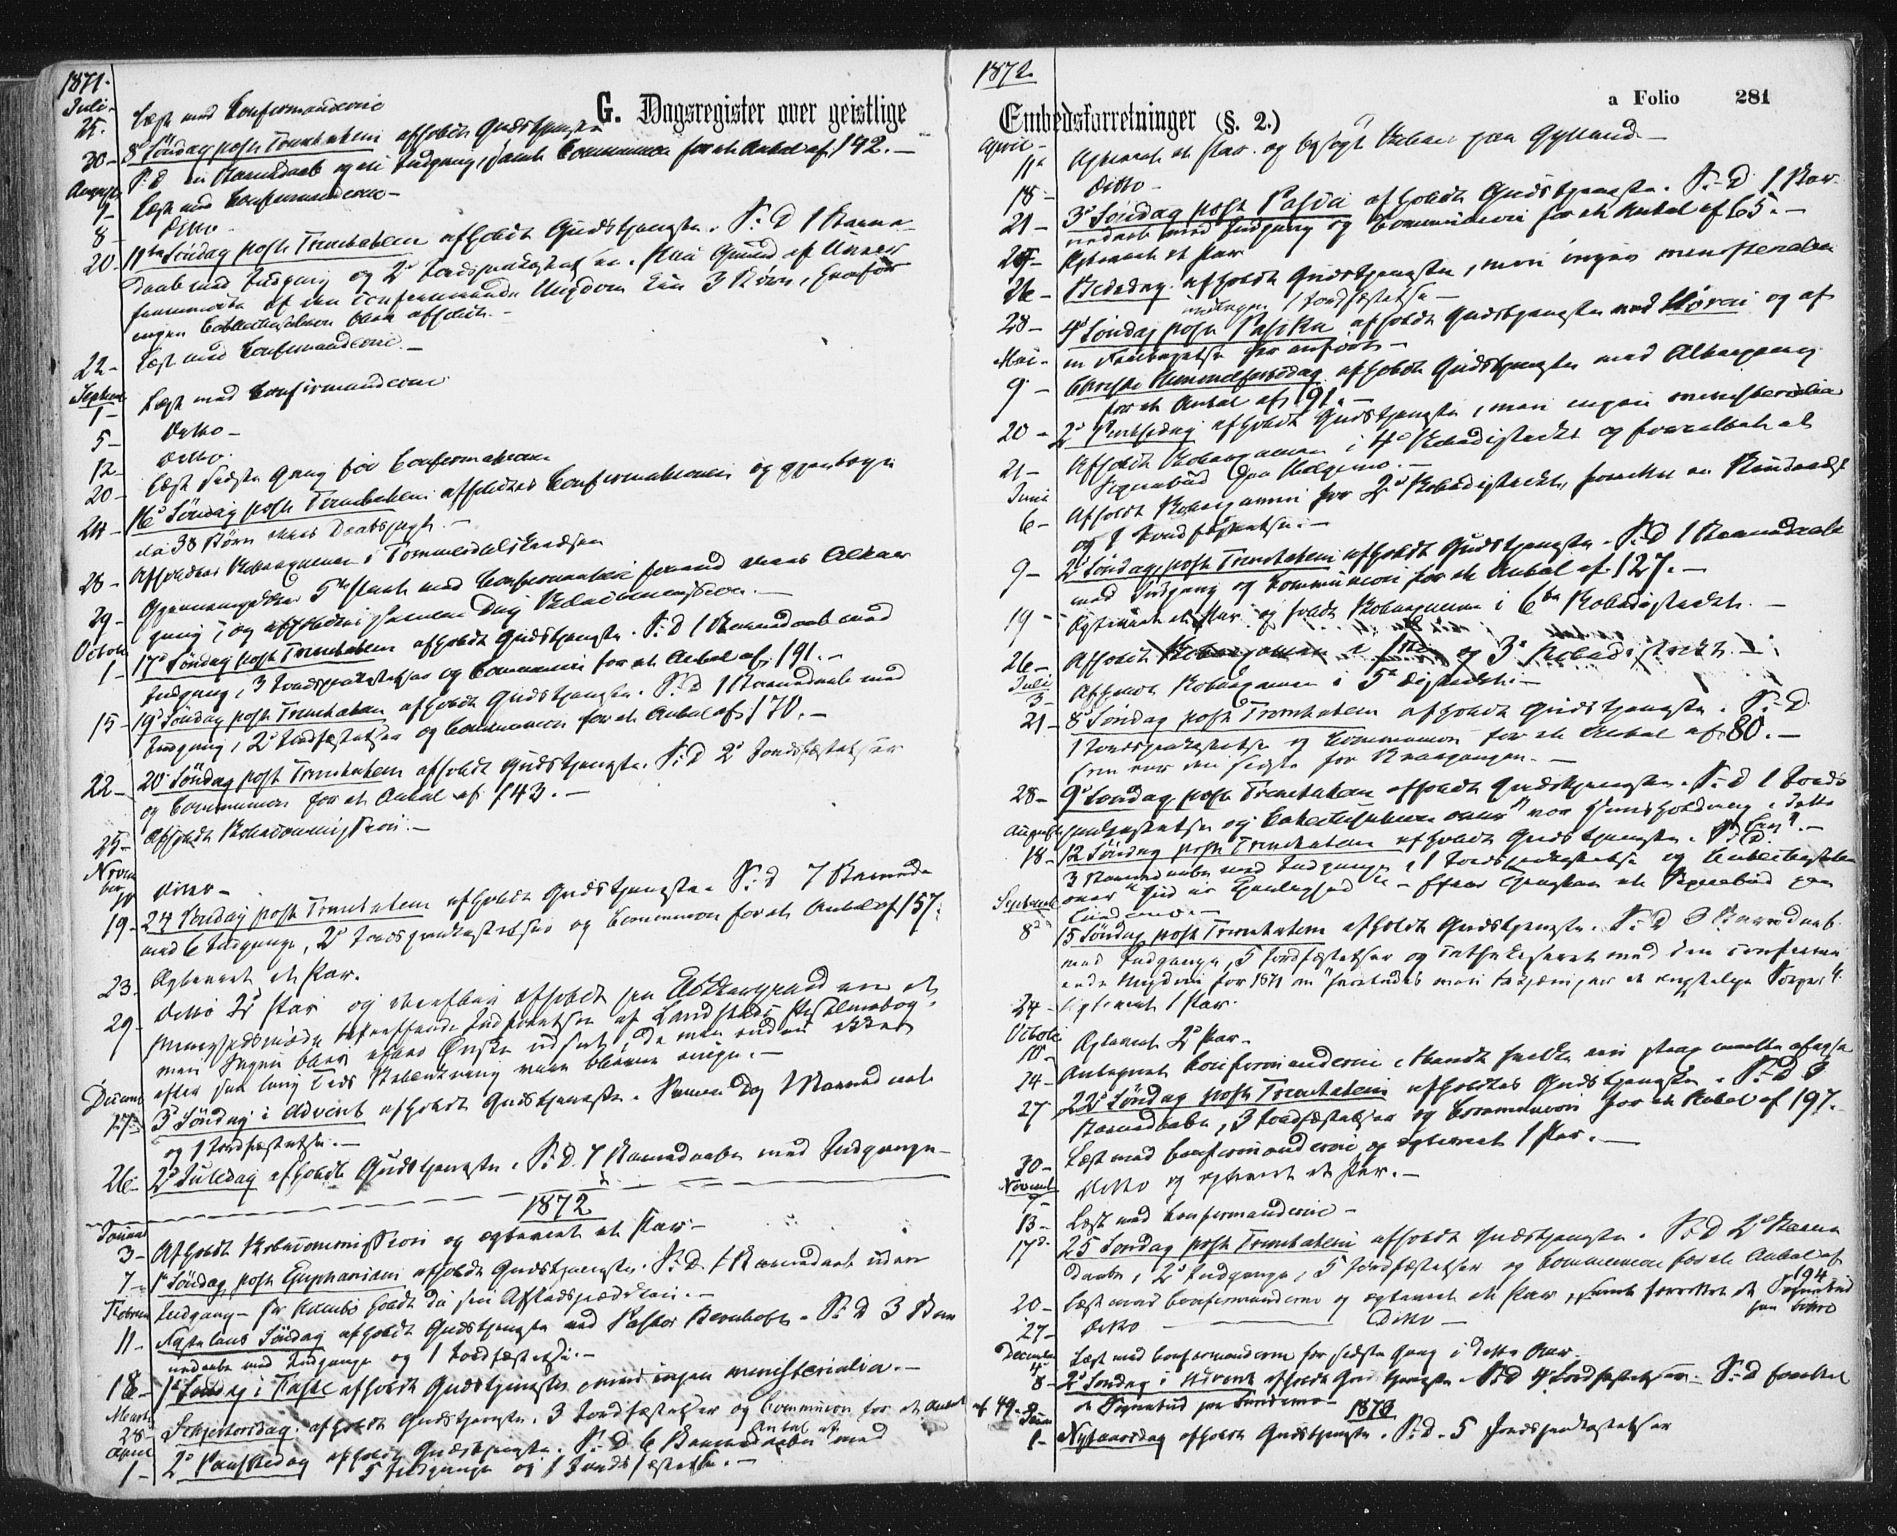 SAT, Ministerialprotokoller, klokkerbøker og fødselsregistre - Sør-Trøndelag, 692/L1104: Ministerialbok nr. 692A04, 1862-1878, s. 281